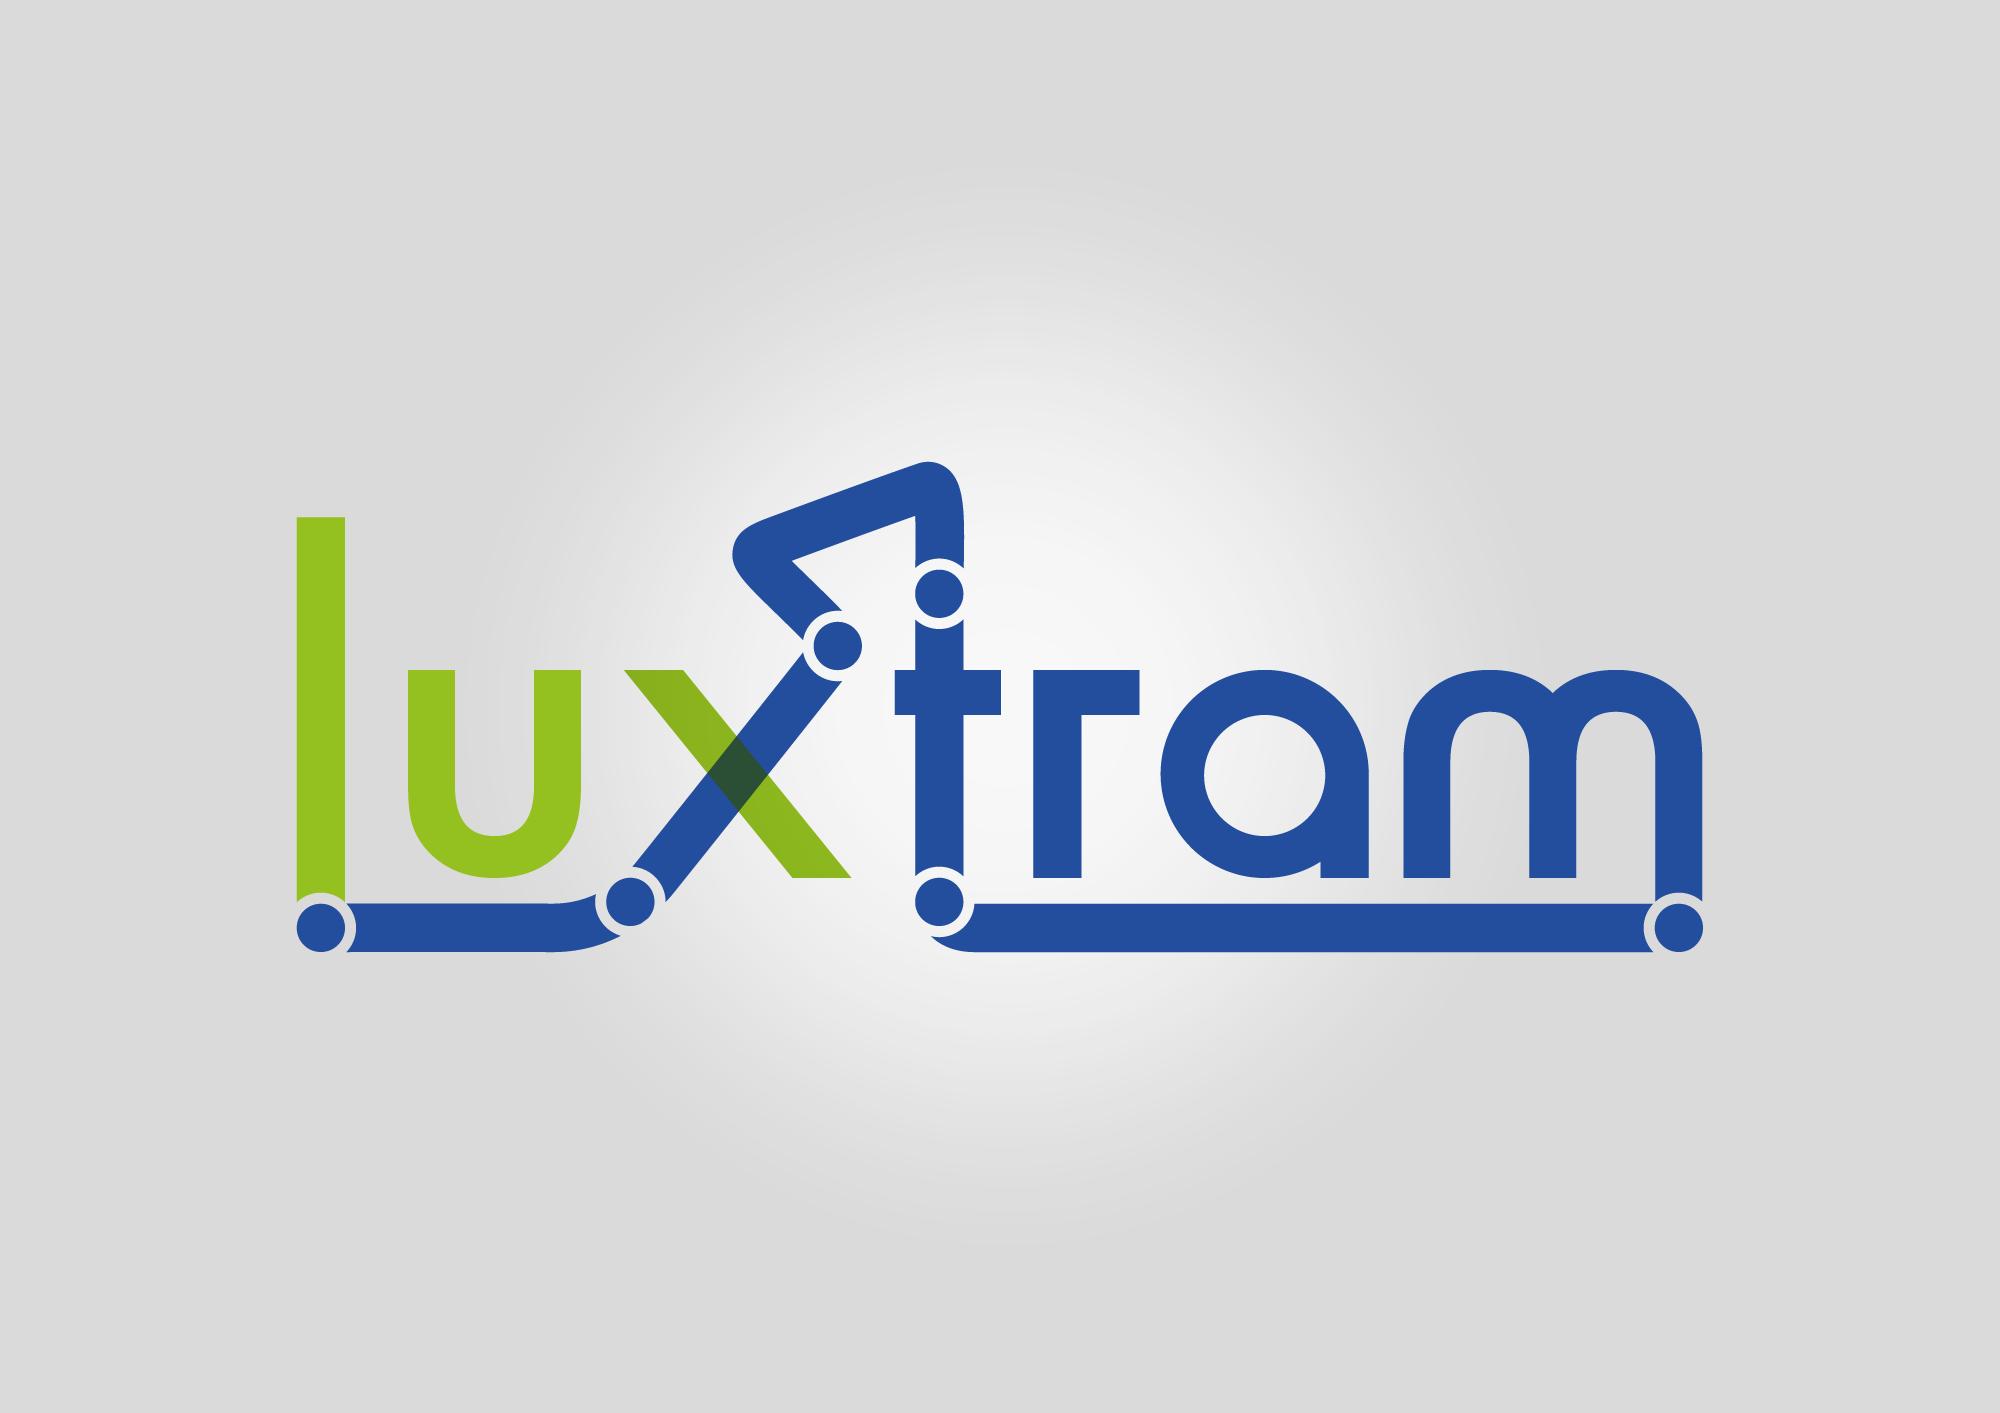 luXtram-logo